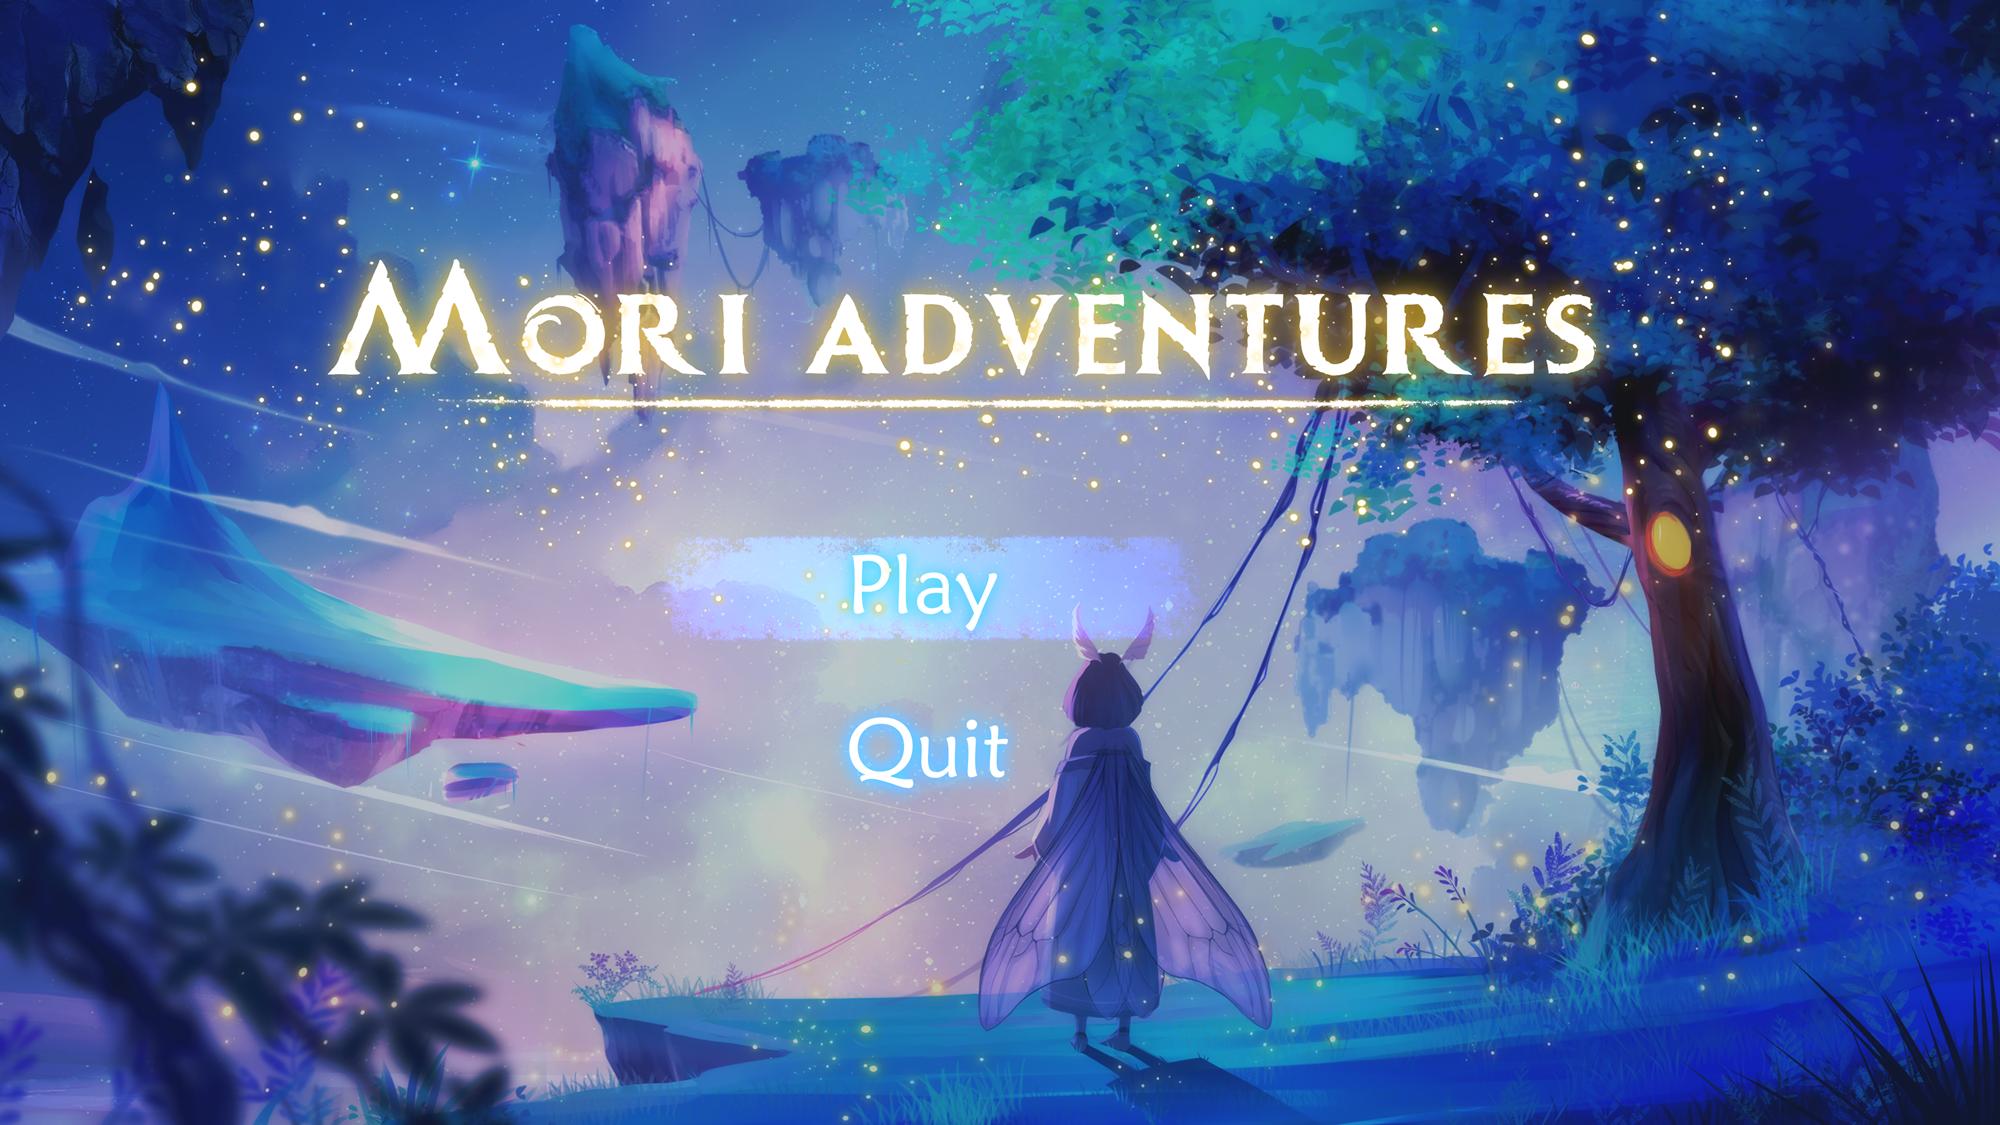 Mori Adventures